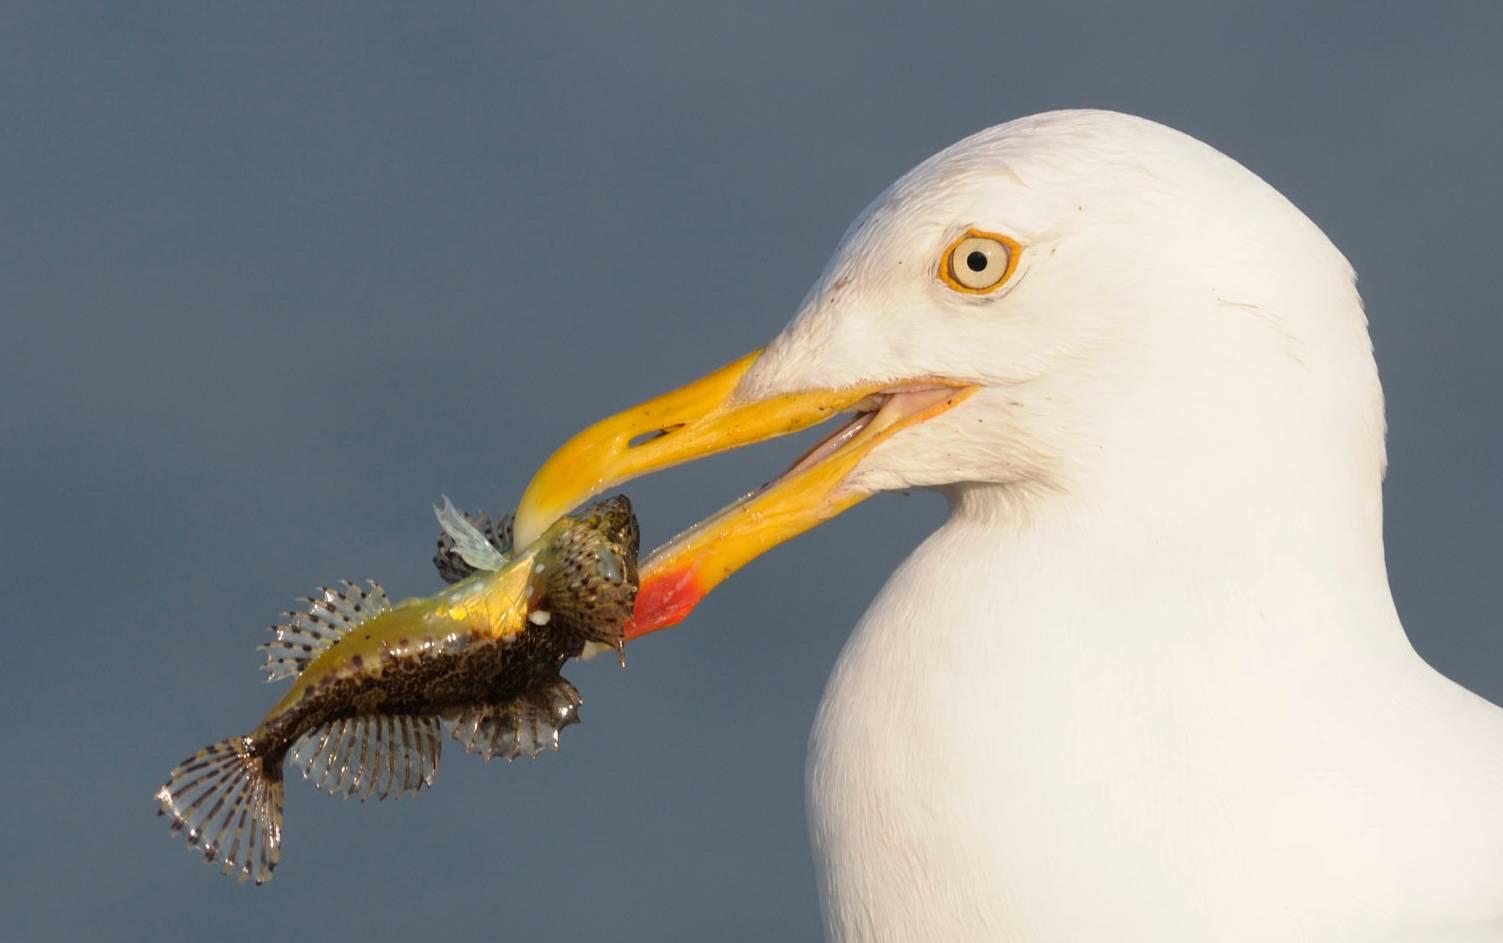 Goéland - Herring gull